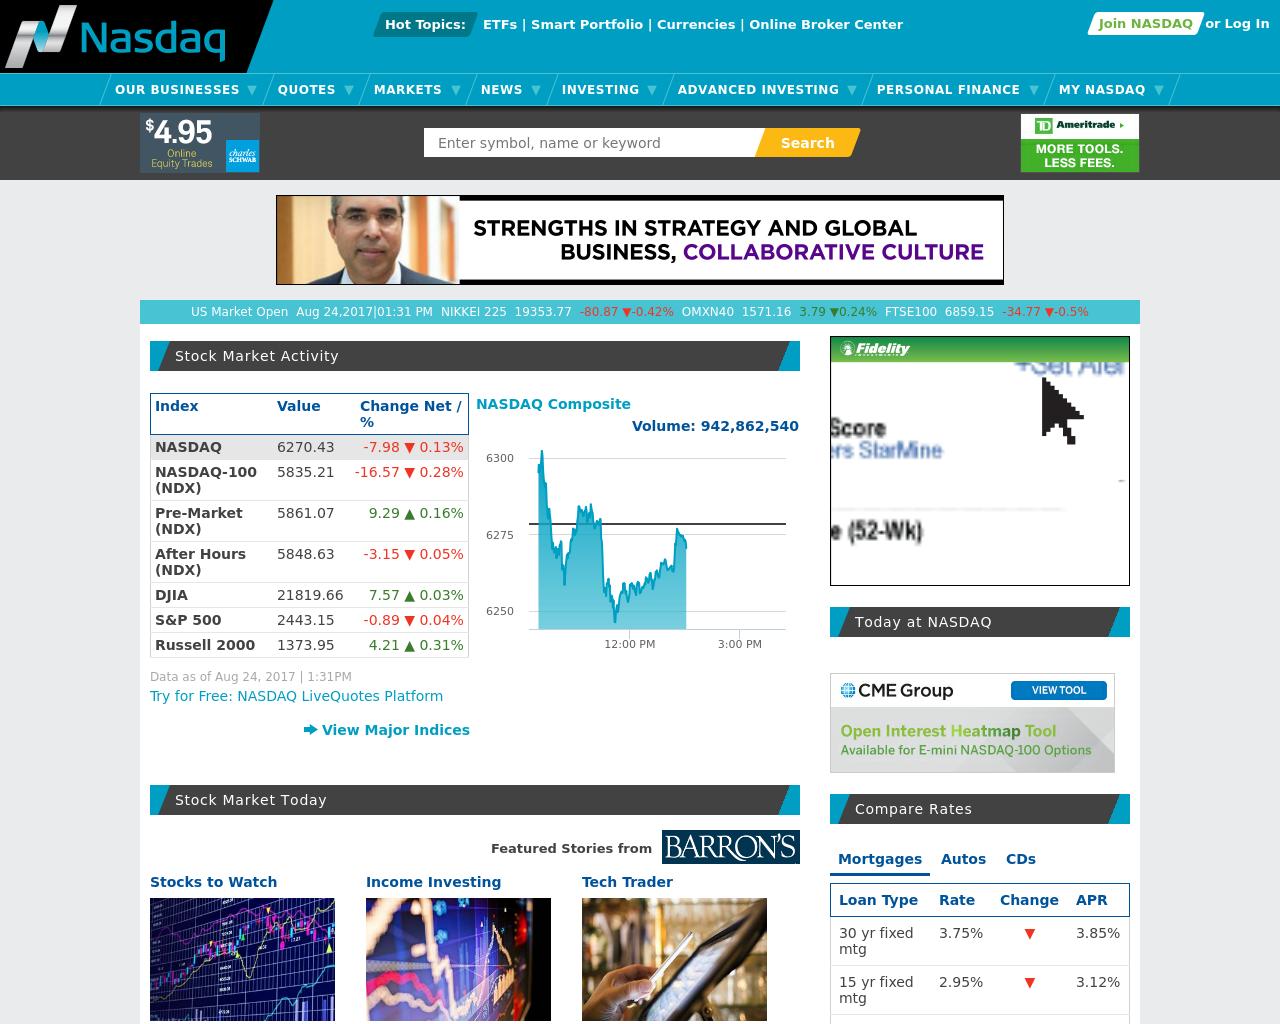 Nasdaq.com-Advertising-Reviews-Pricing